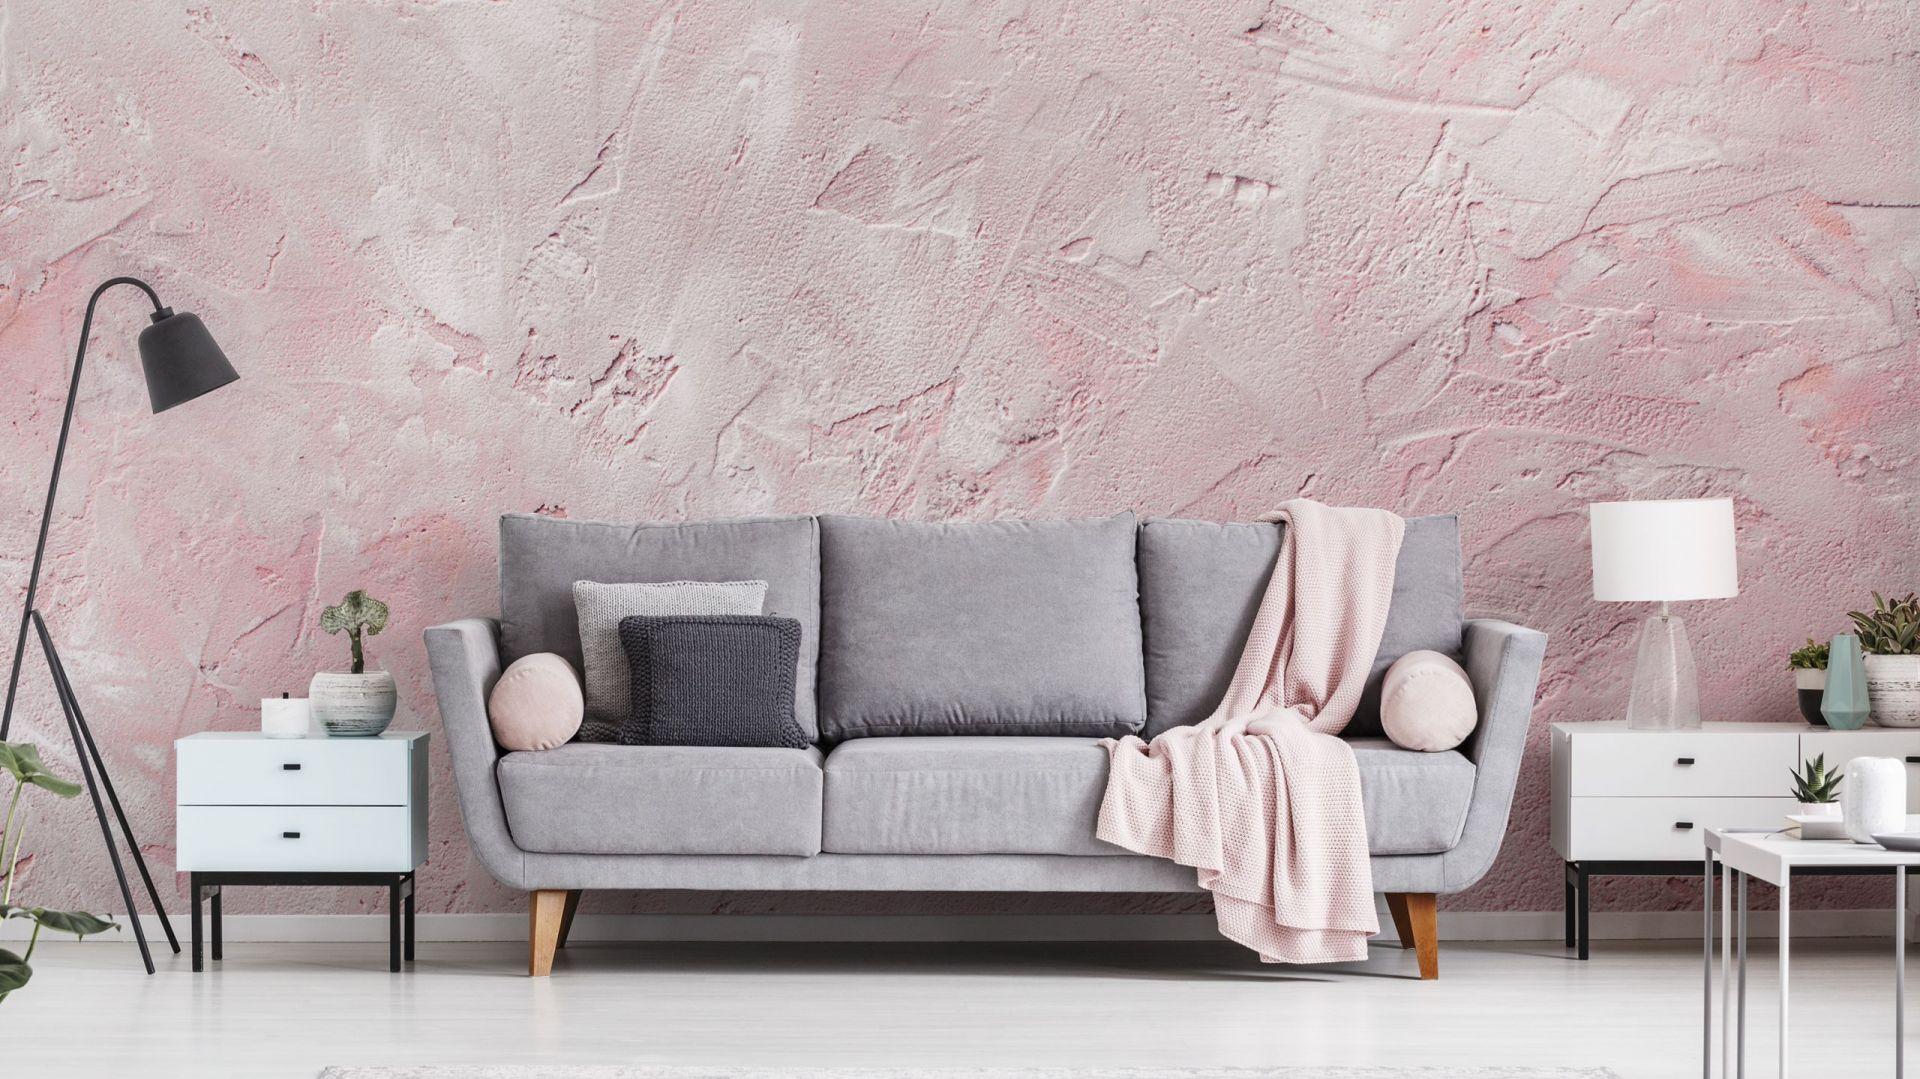 Фото-обои: имитация стены цвета грязного розового